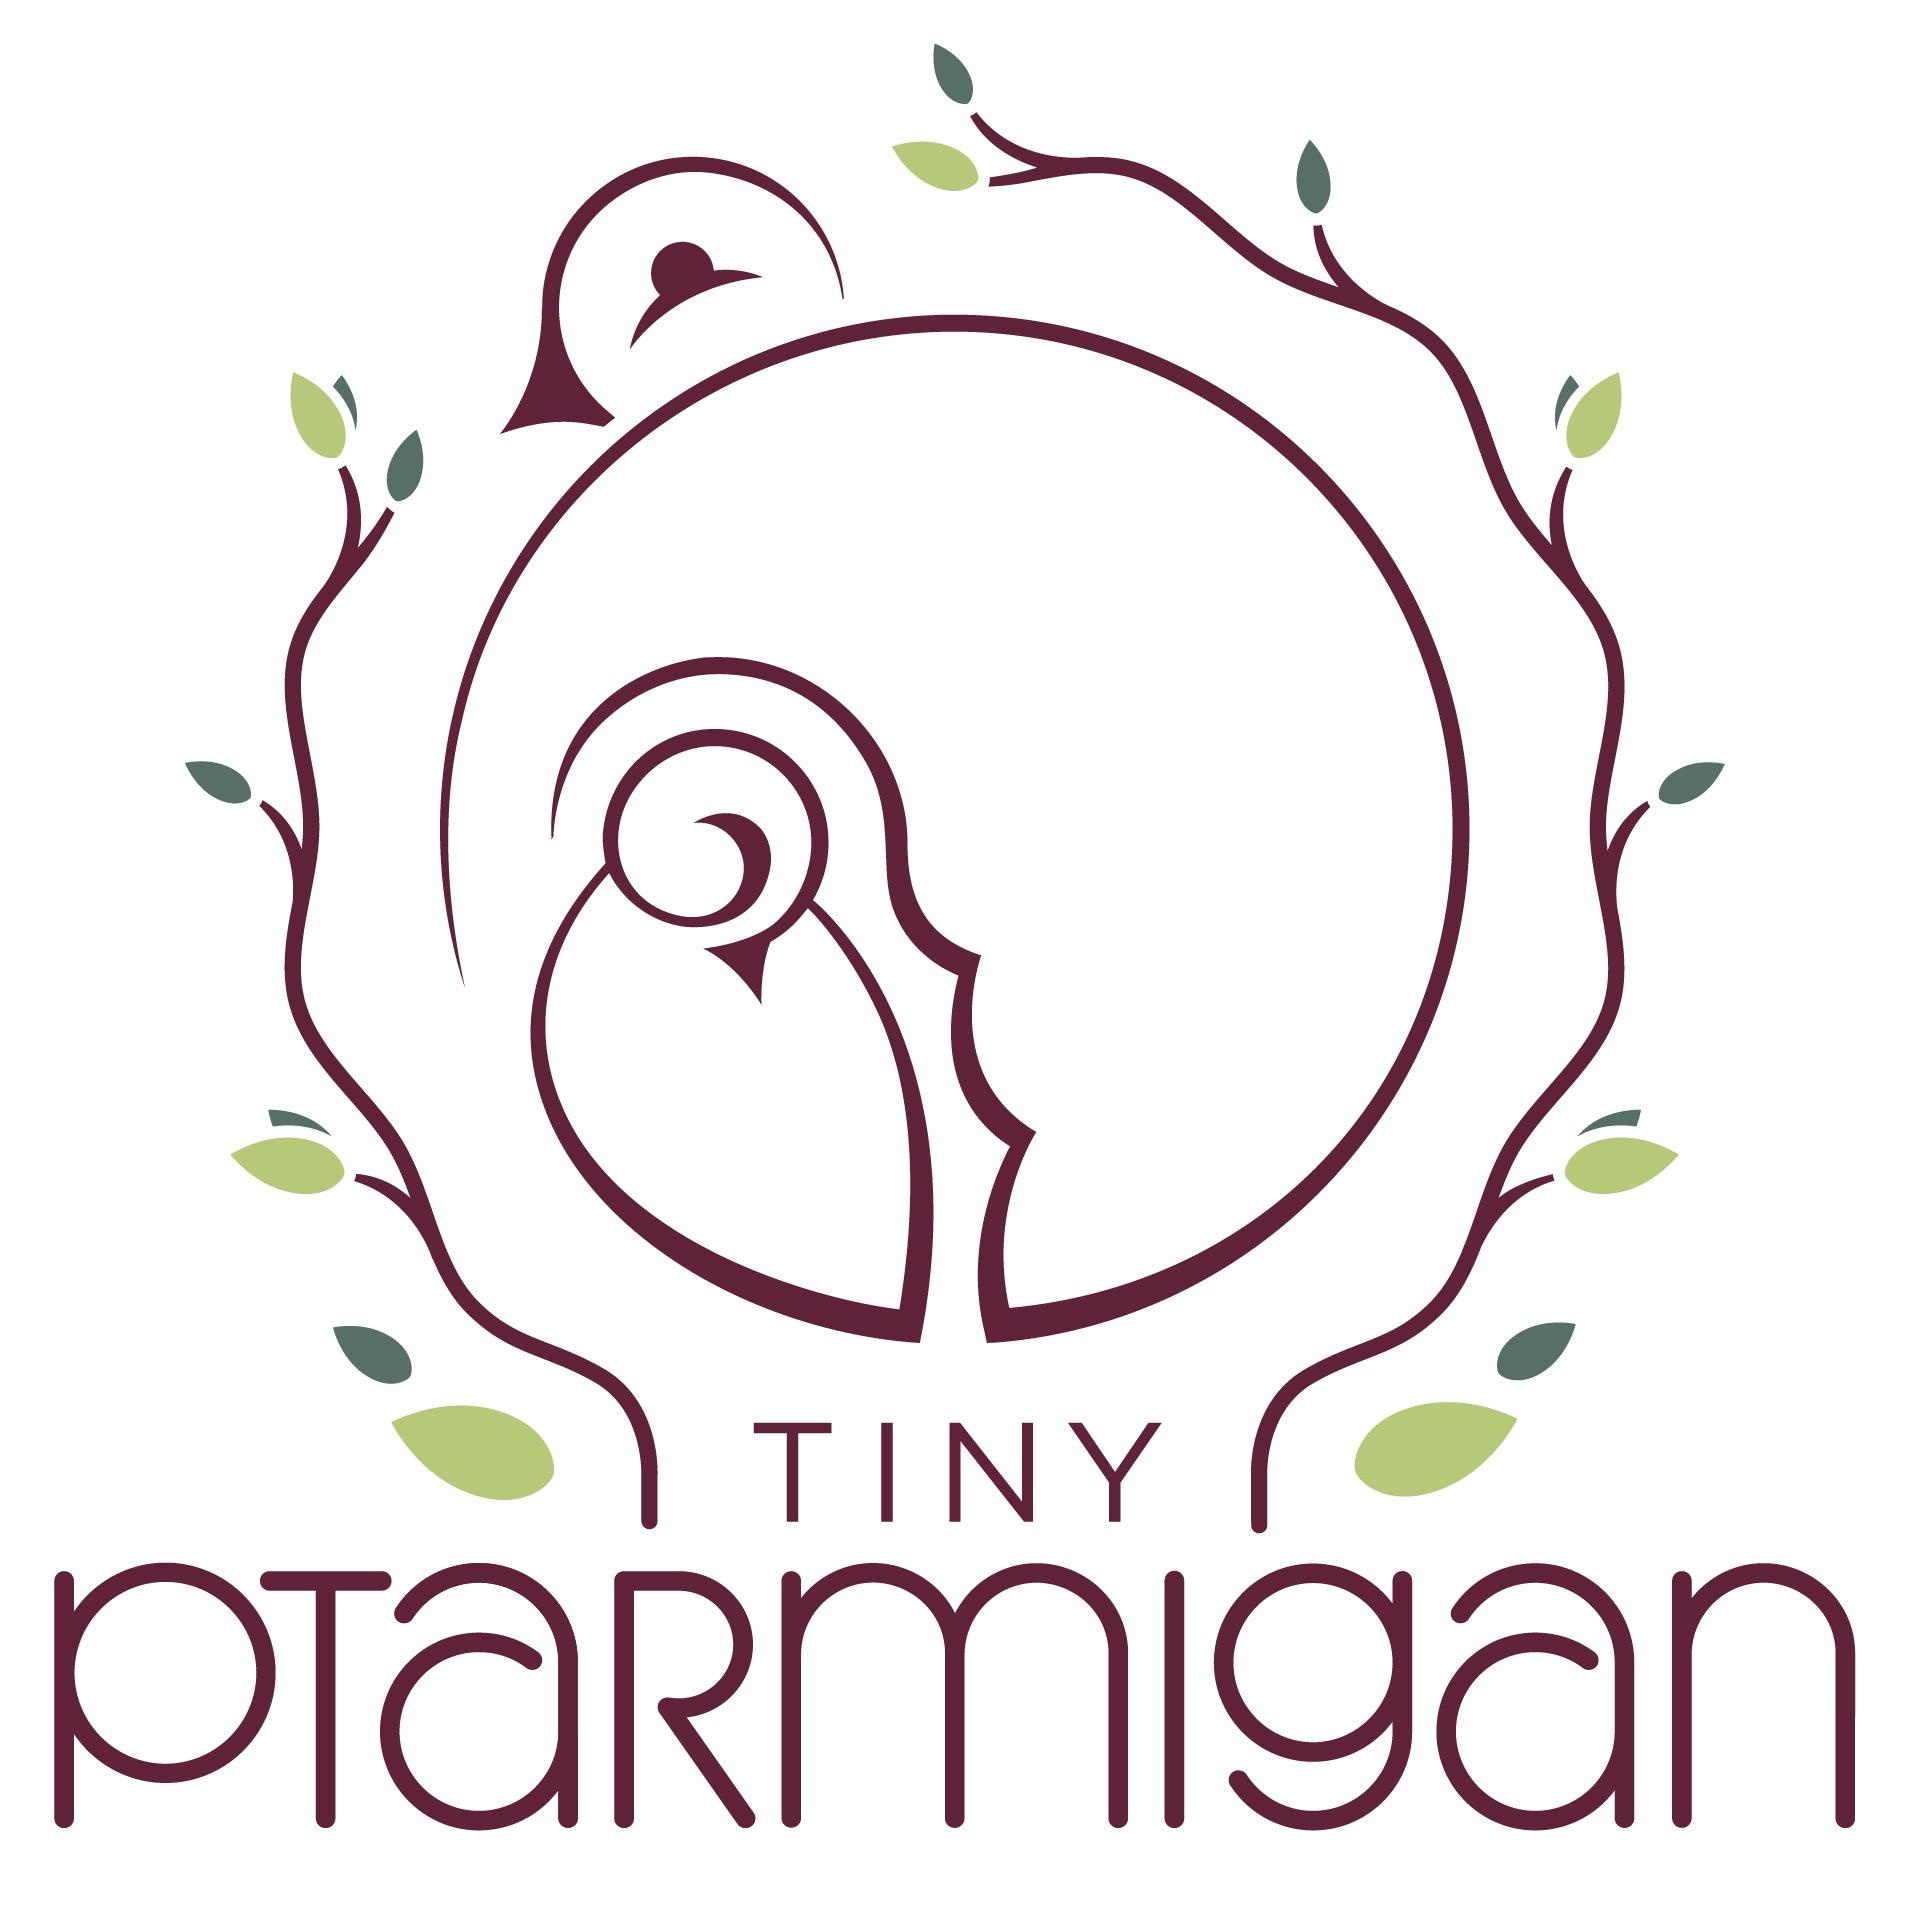 Tiny Ptarmigan-versions-RGB-01.jpg